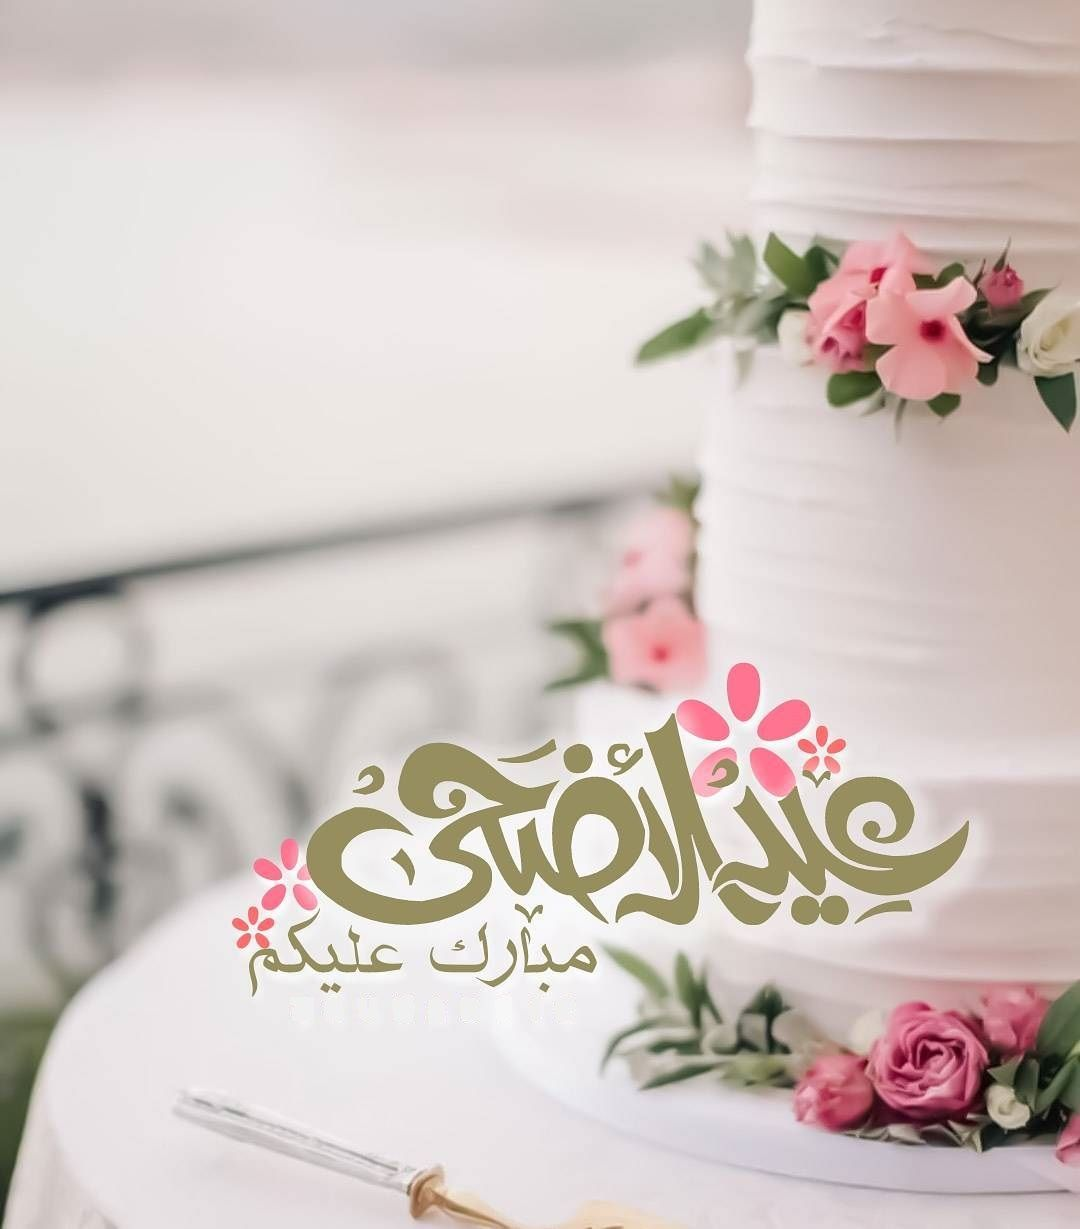 Pin By Amr On Aid Mubarak Eid Mubarak Greetings Eid Mubark Eid Cards